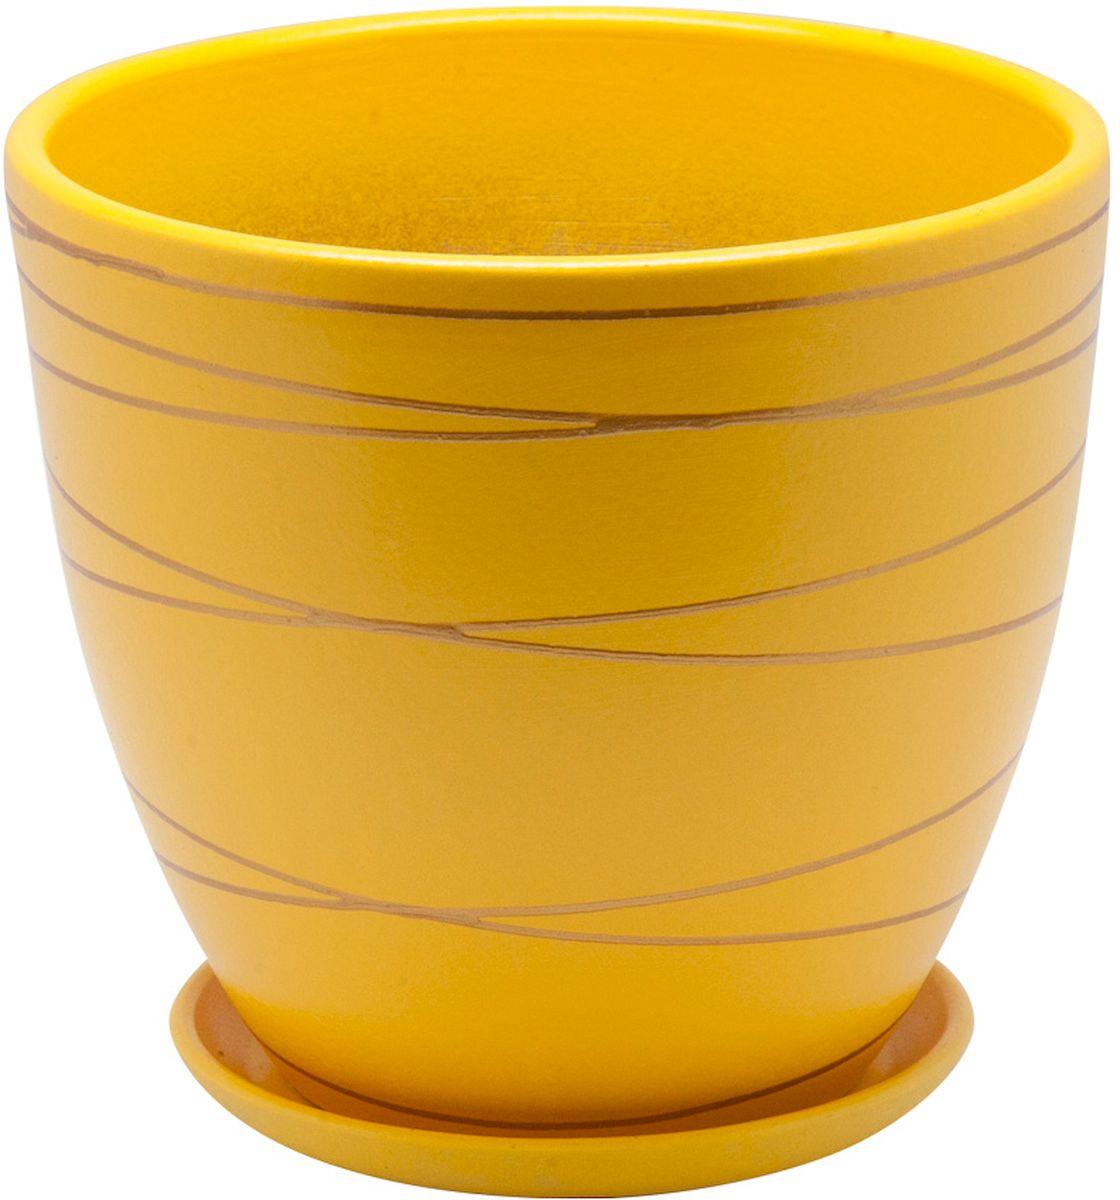 Горшок цветочный Engard, с поддоном, цвет: желтый, 1,4 л. BH-25-1 горшок керамический с поддоном листок 4 7 л желтый